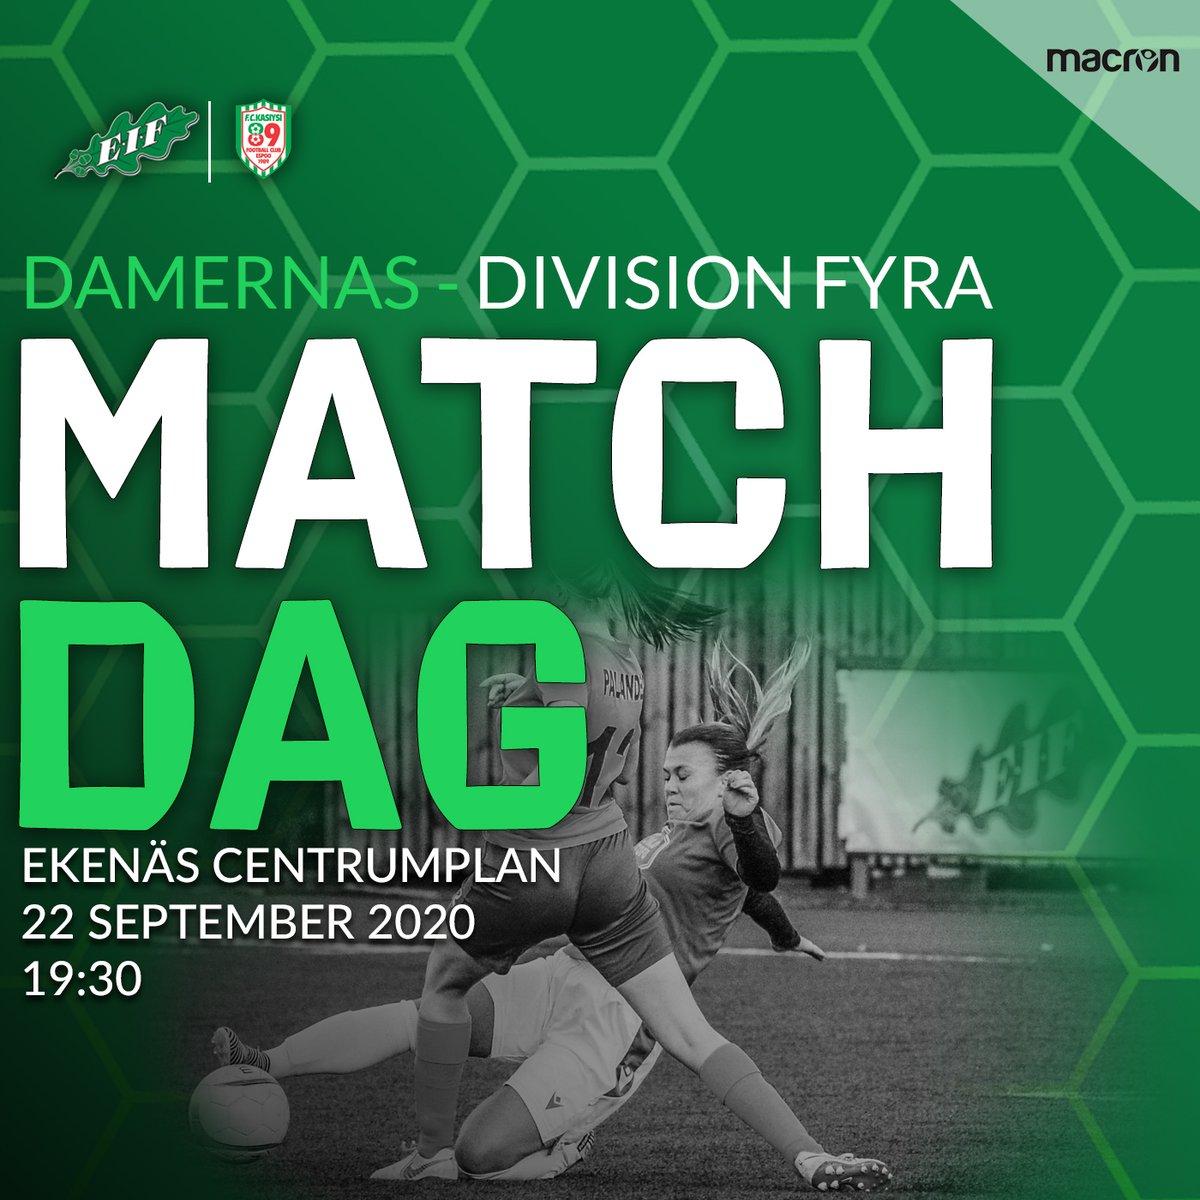 Idag är det dammatch, avspark 19:30 på Ekenäs centrumplan, välkomna! https://t.co/fA56OtwkPY